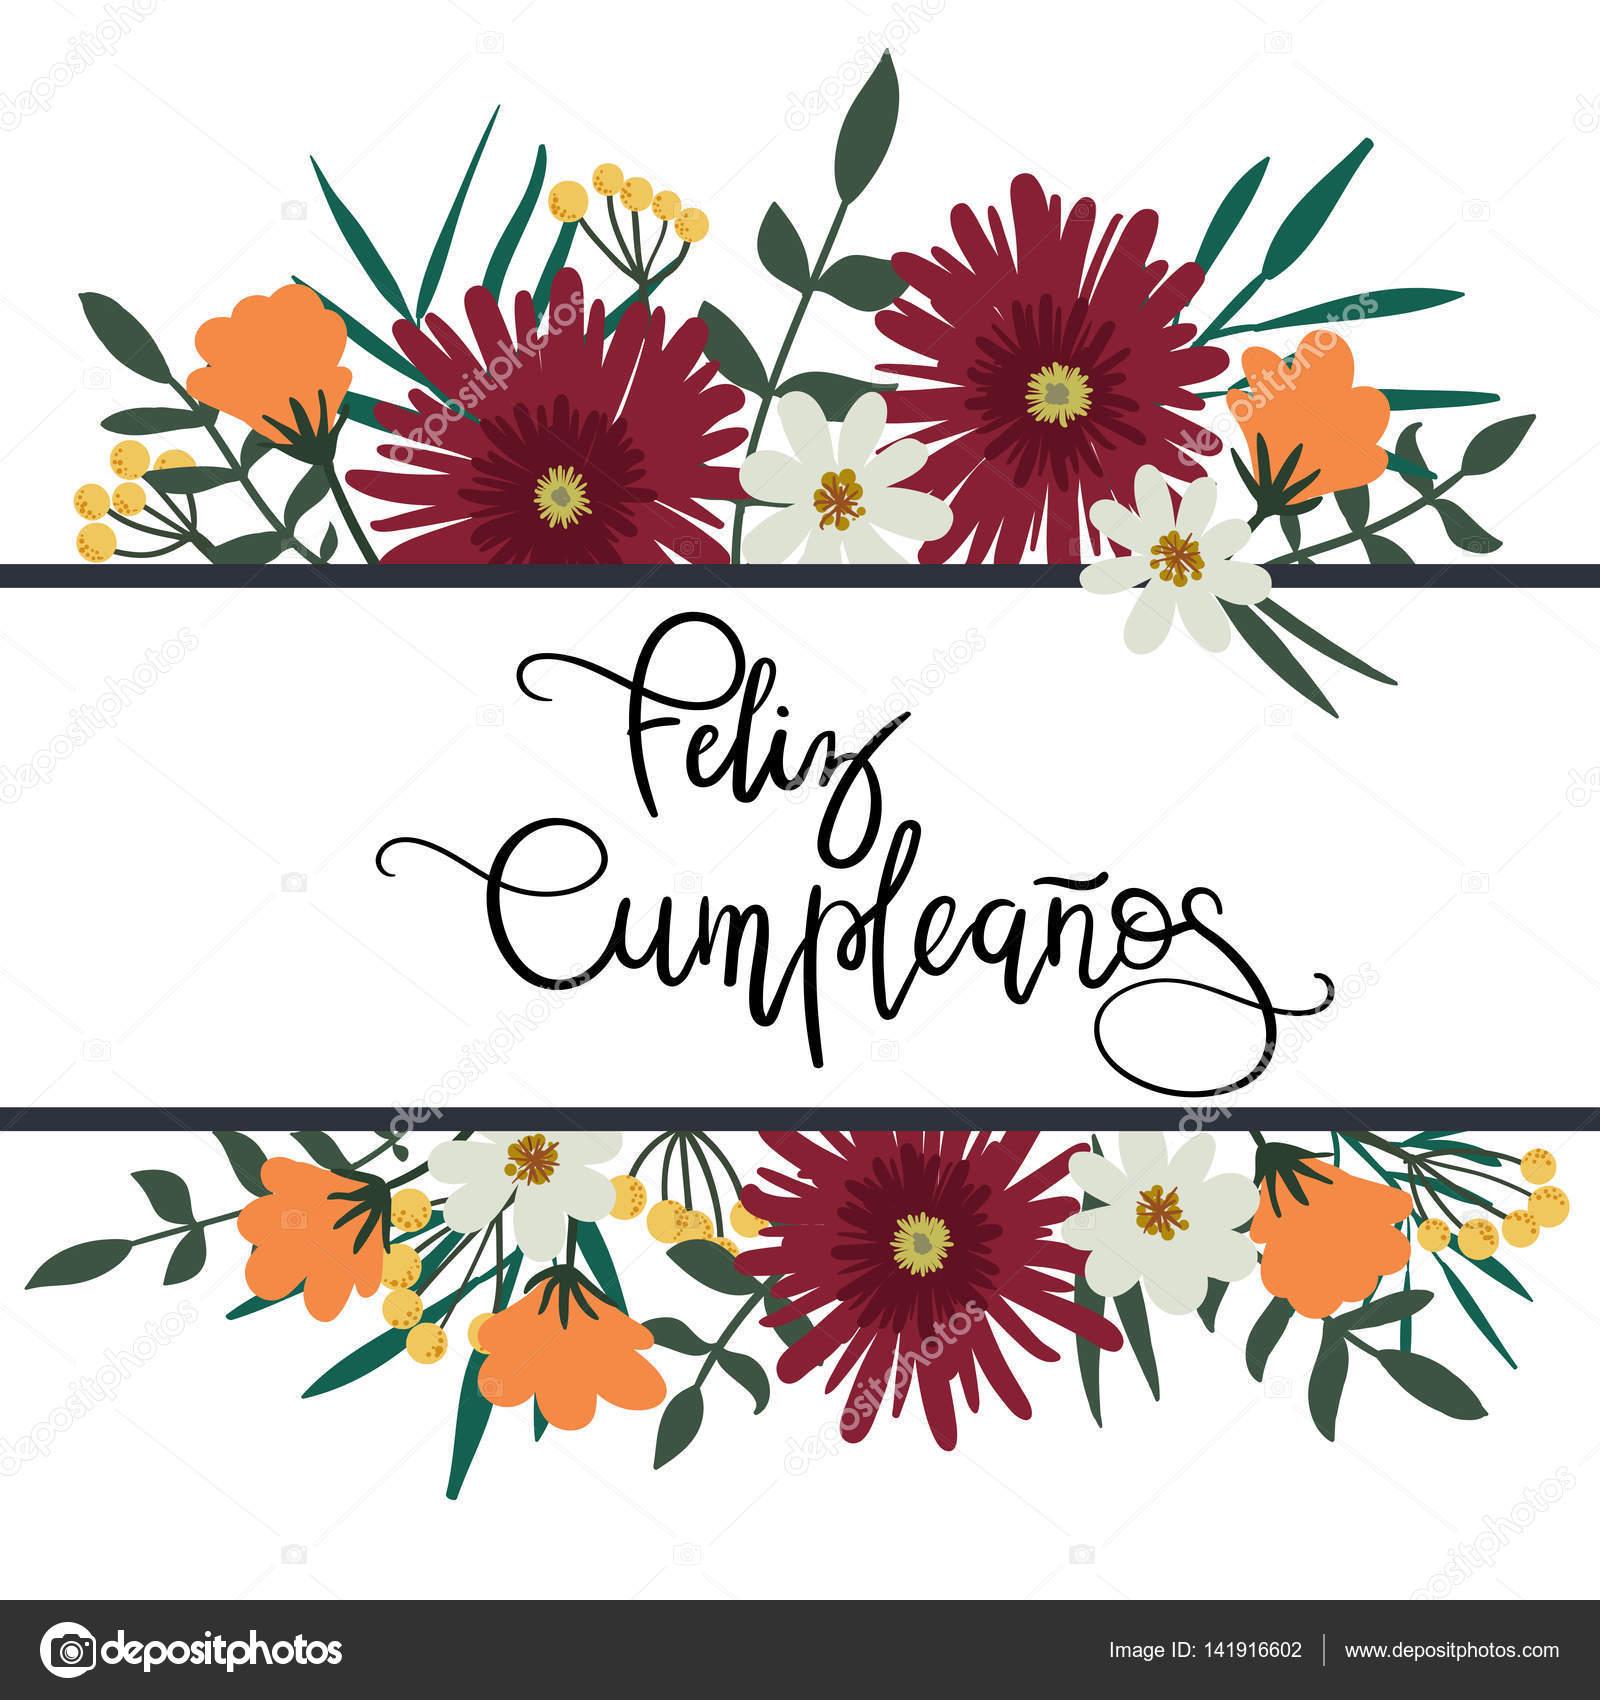 Buon compleanno in spagnolo. Cartolina d'auguri con cornice